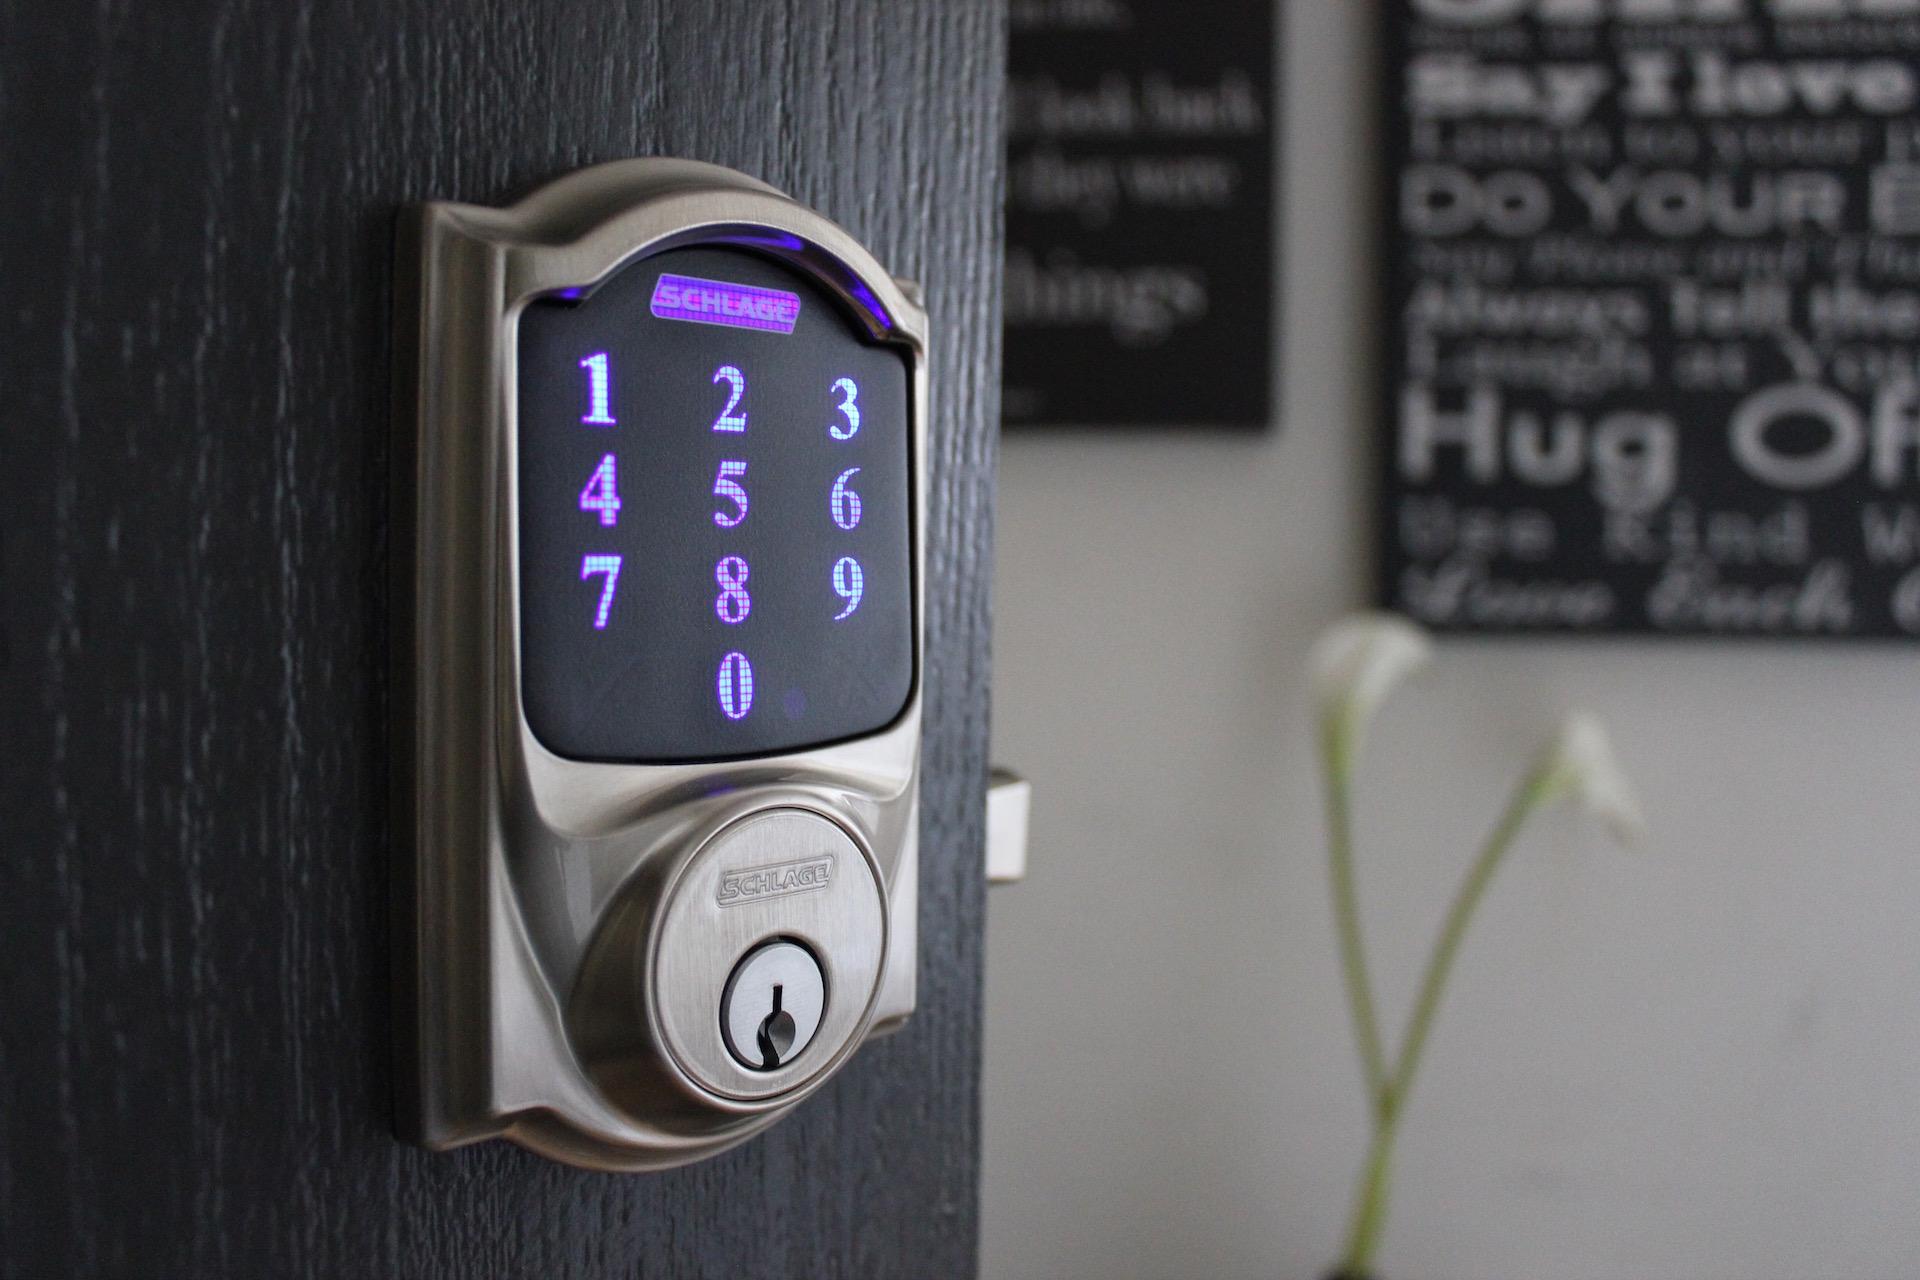 EVEConnect-Shlage-Smart-Home-Keypad